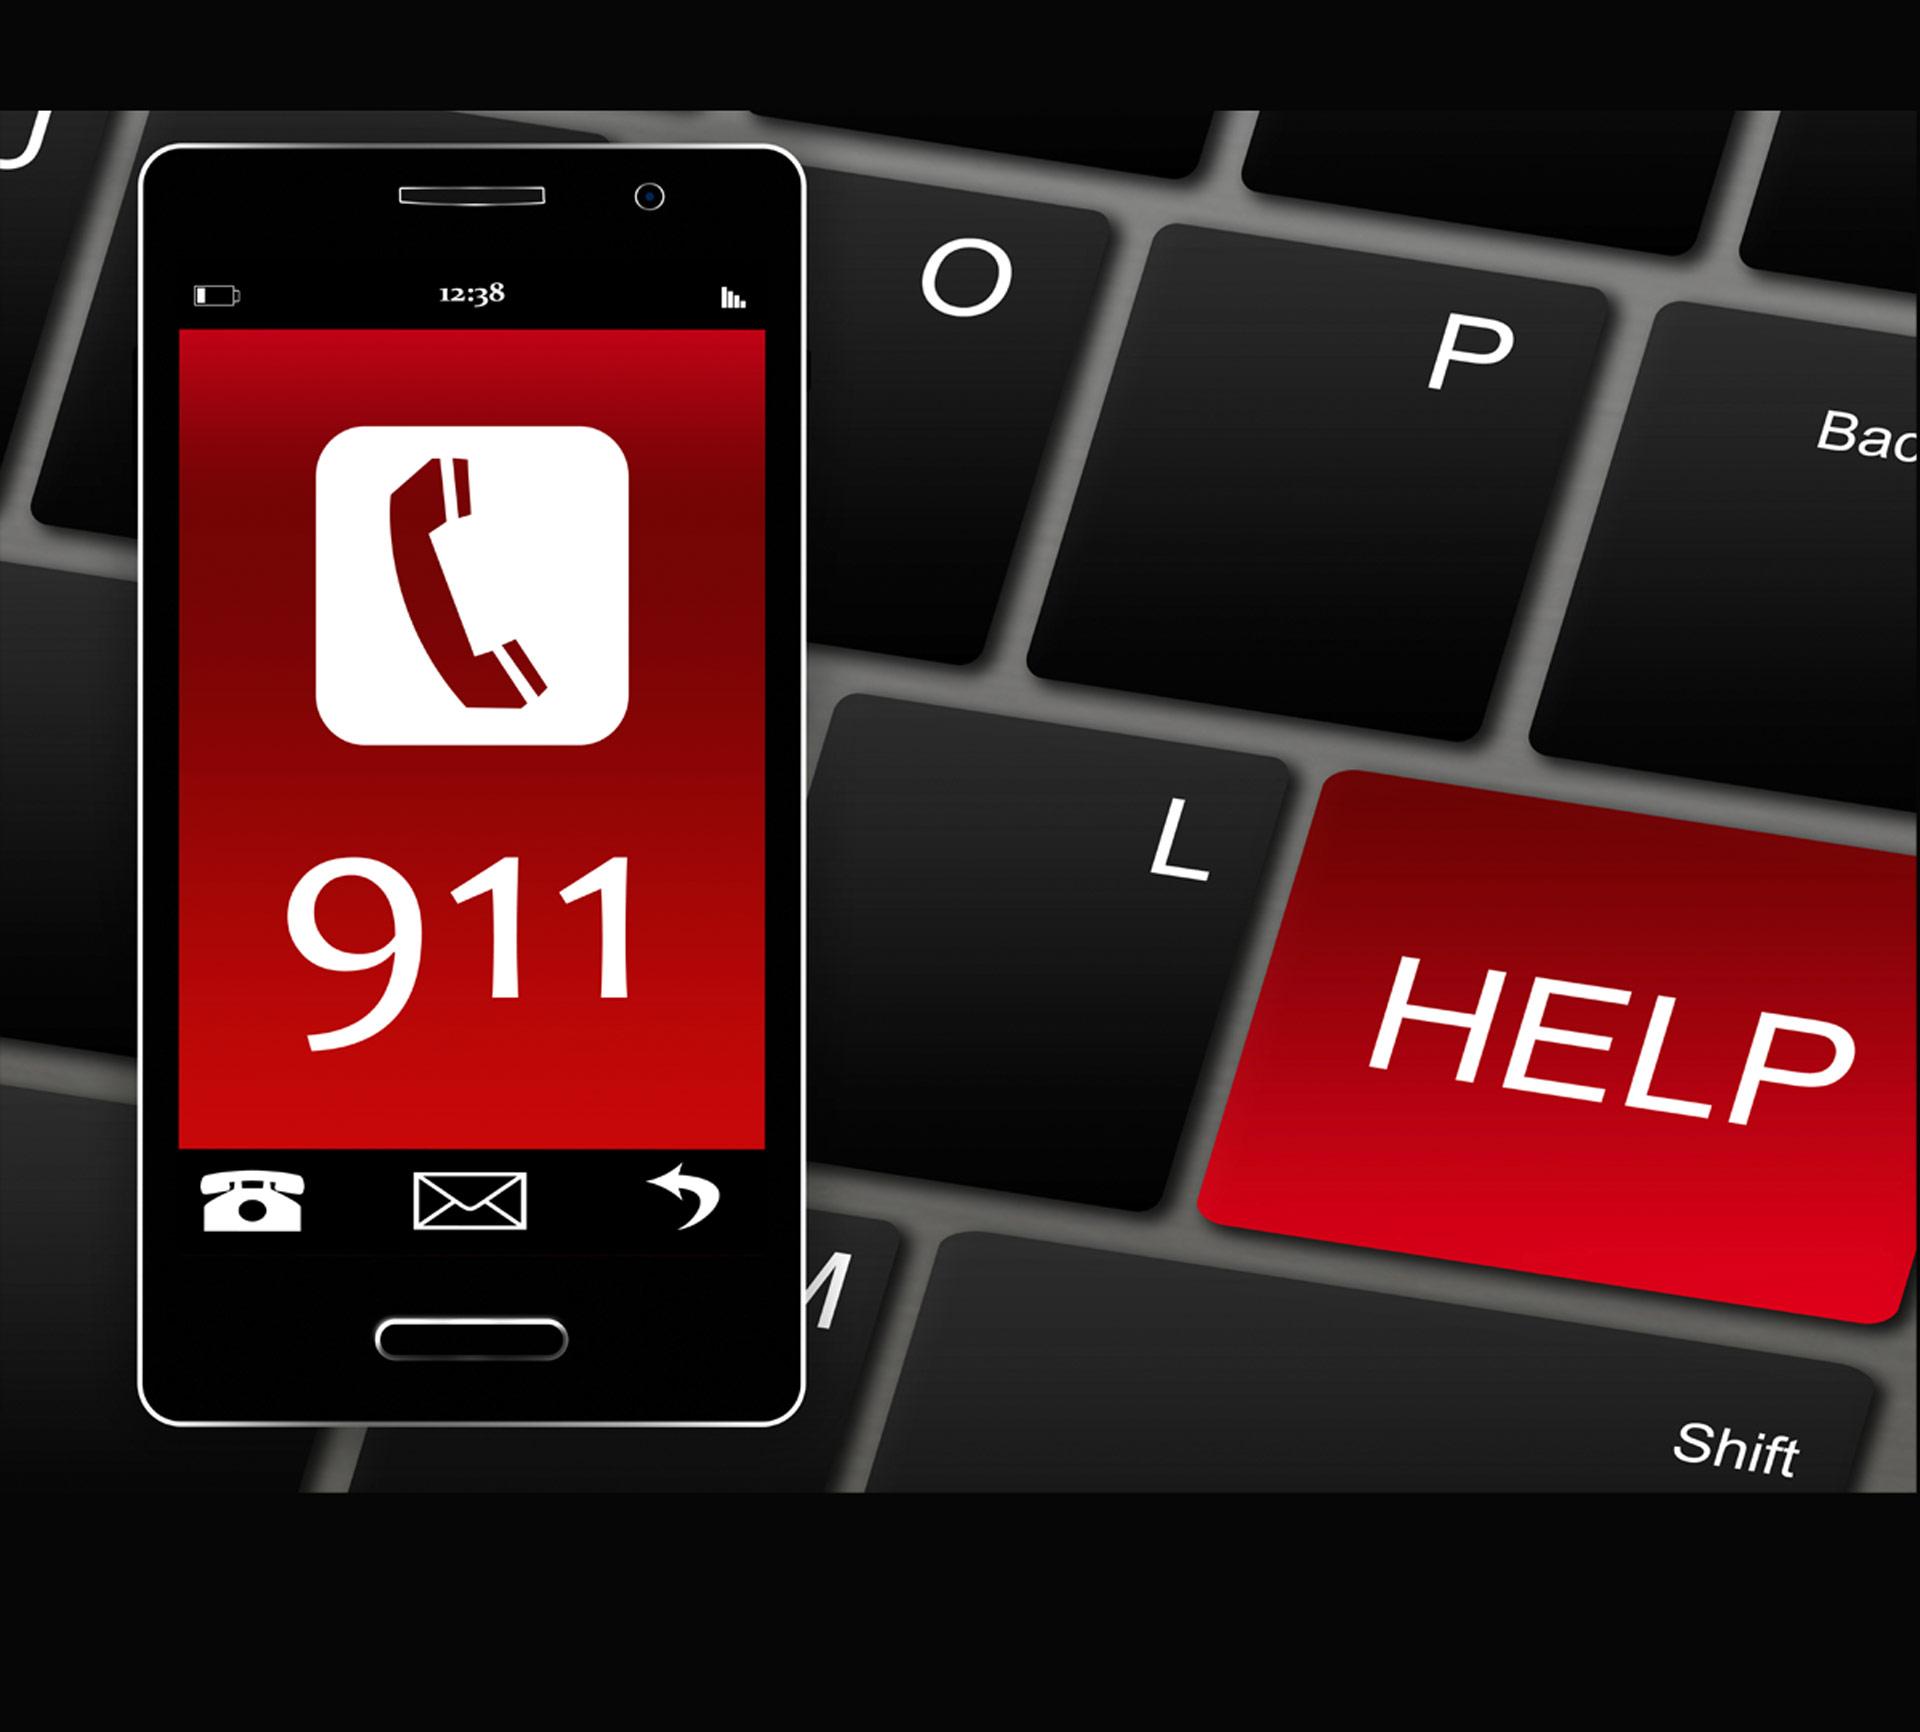 Una concesionaria española lanzó una aplicación que localiza a los conductores cuando tienen un inconveniente